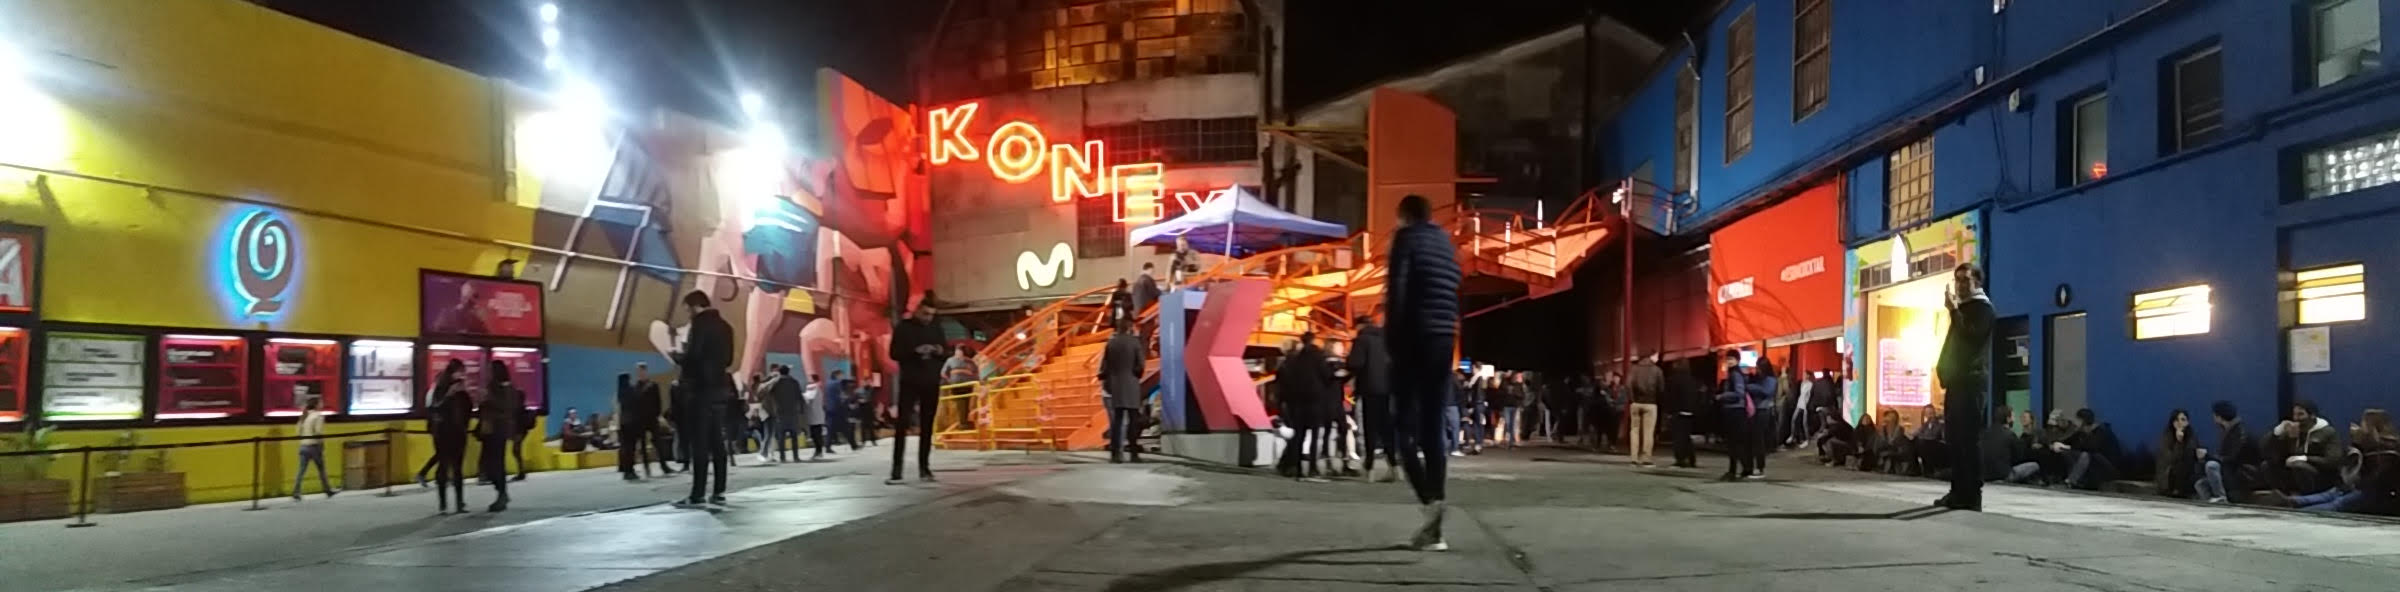 Casa Cultural Konex en Buenos Aires. Foto por  Jéssica M.